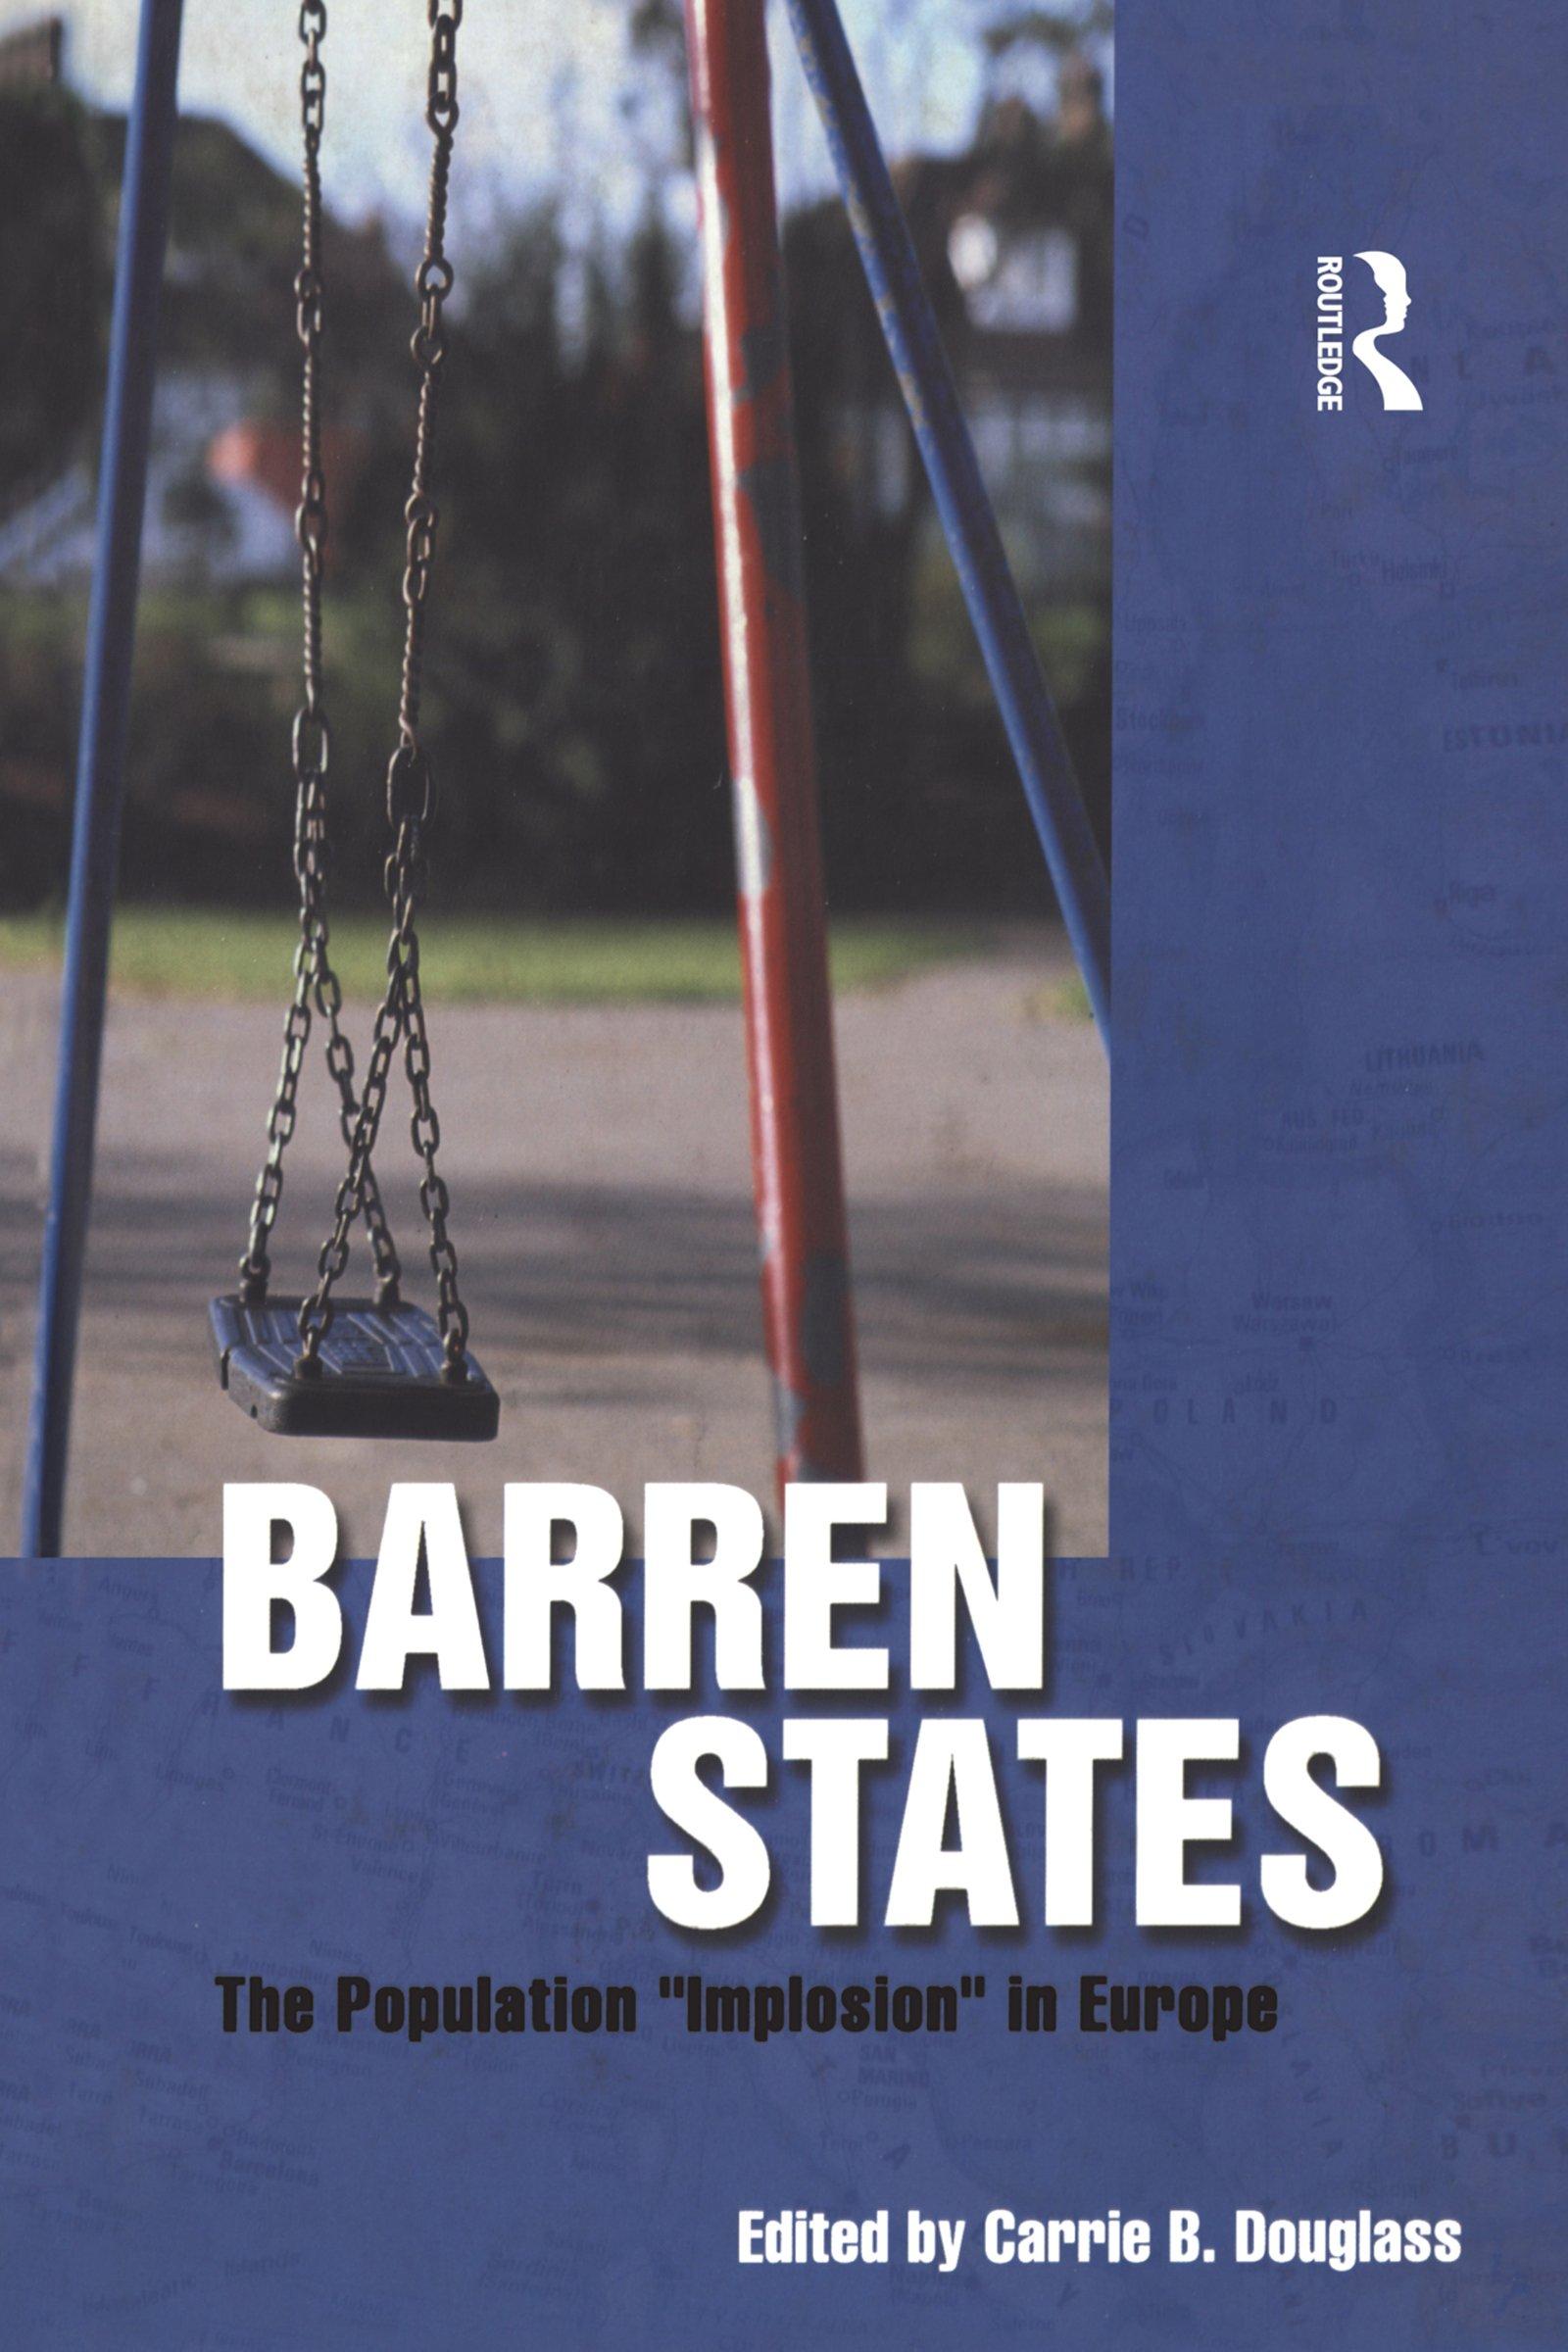 Barren States